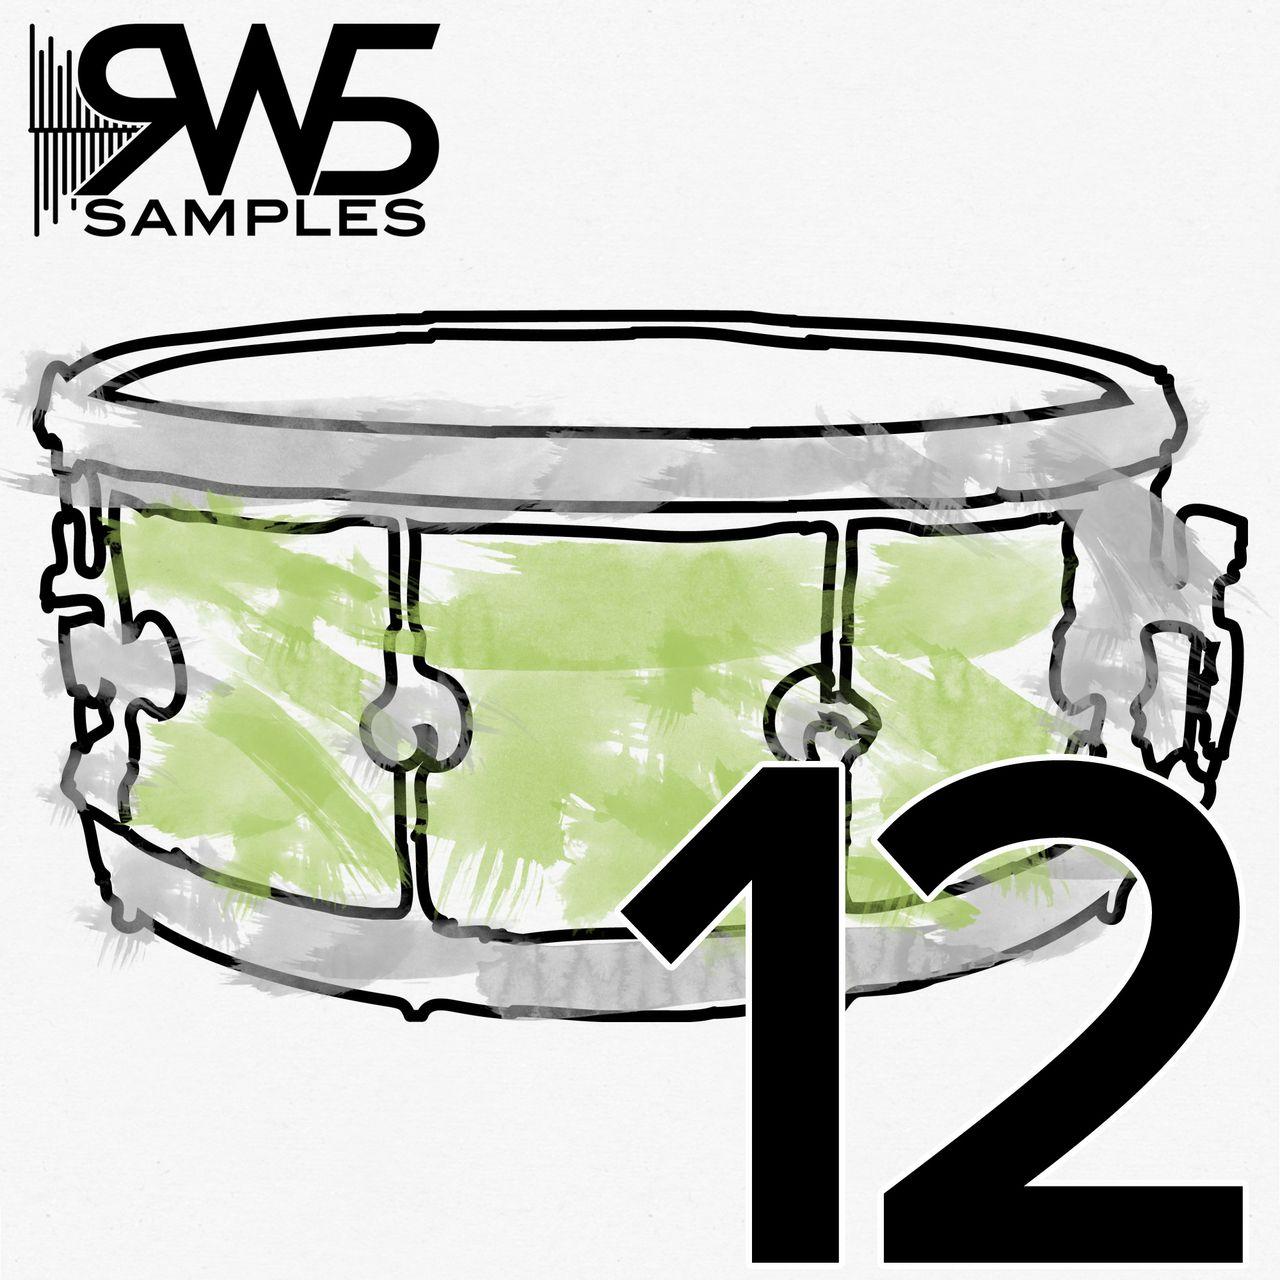 RW5 Snare 12